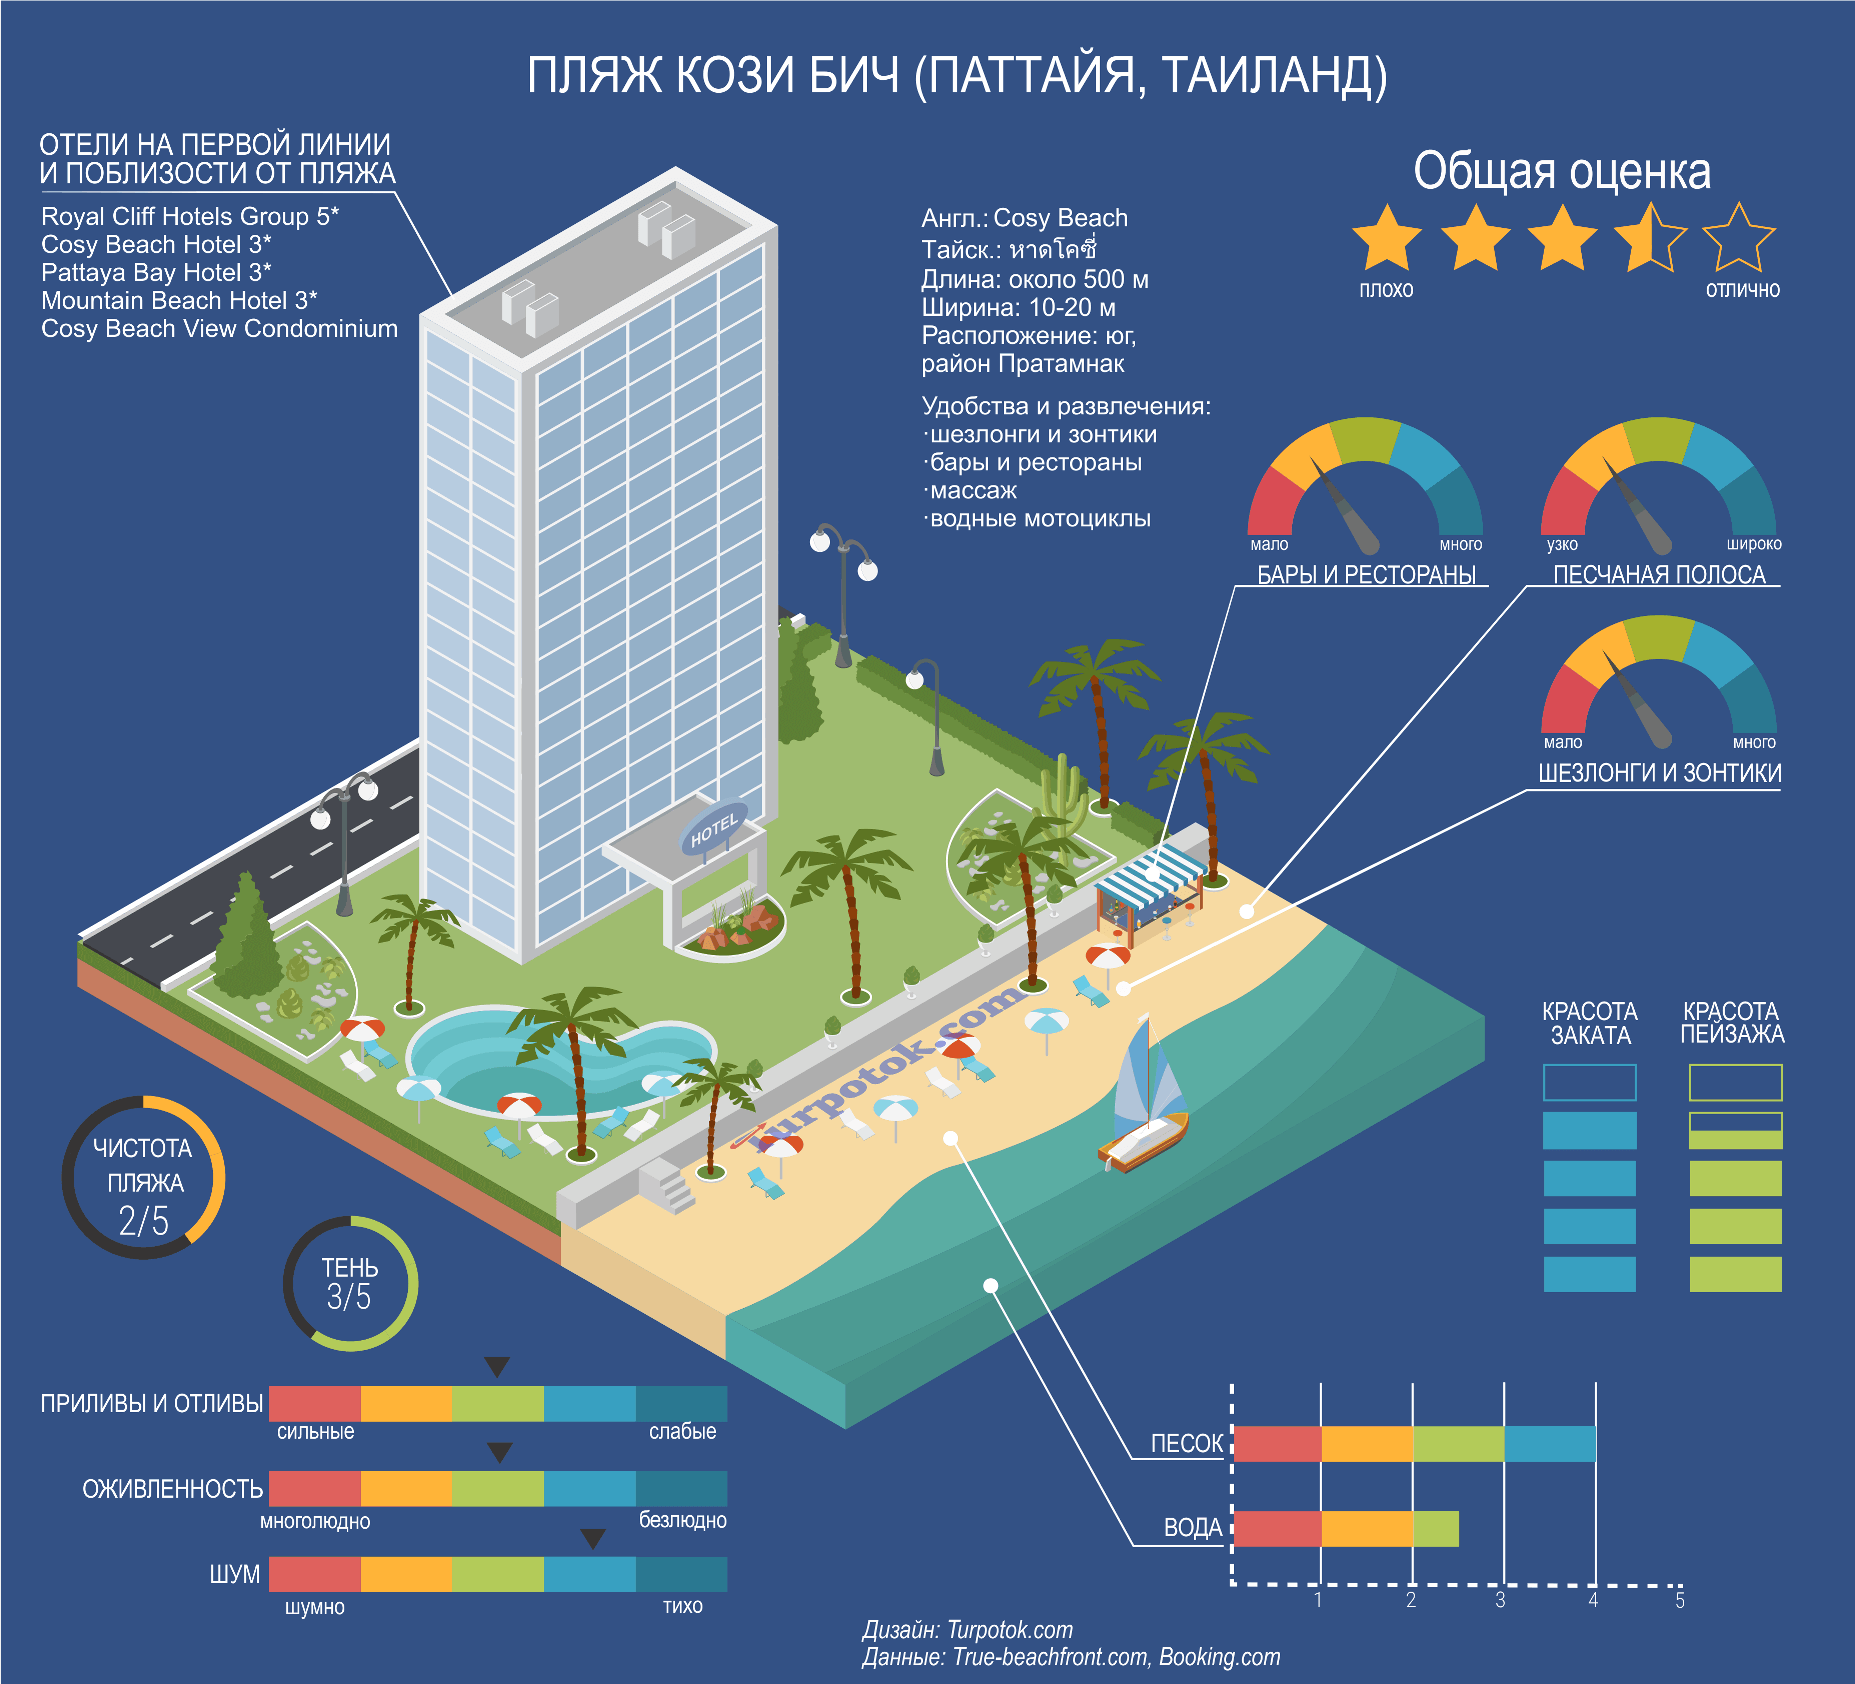 Изображение с инфографикой о пляже Кози Бич (Паттайя)